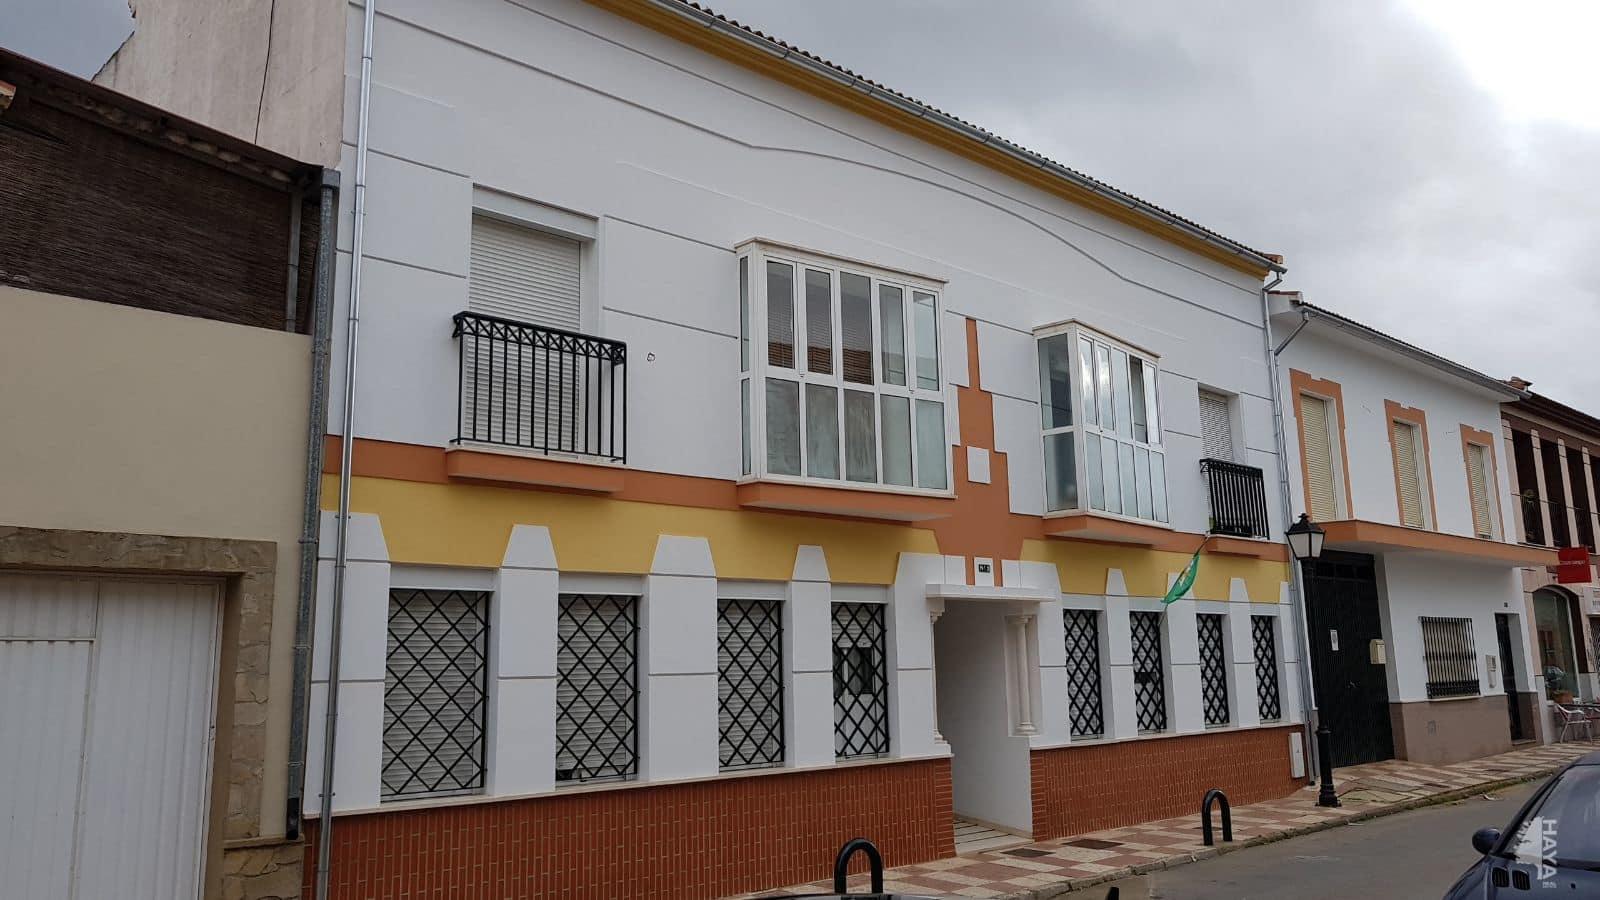 Piso en venta en Mollina, Málaga, Calle Margaritas, 65.400 €, 1 habitación, 2 baños, 87 m2